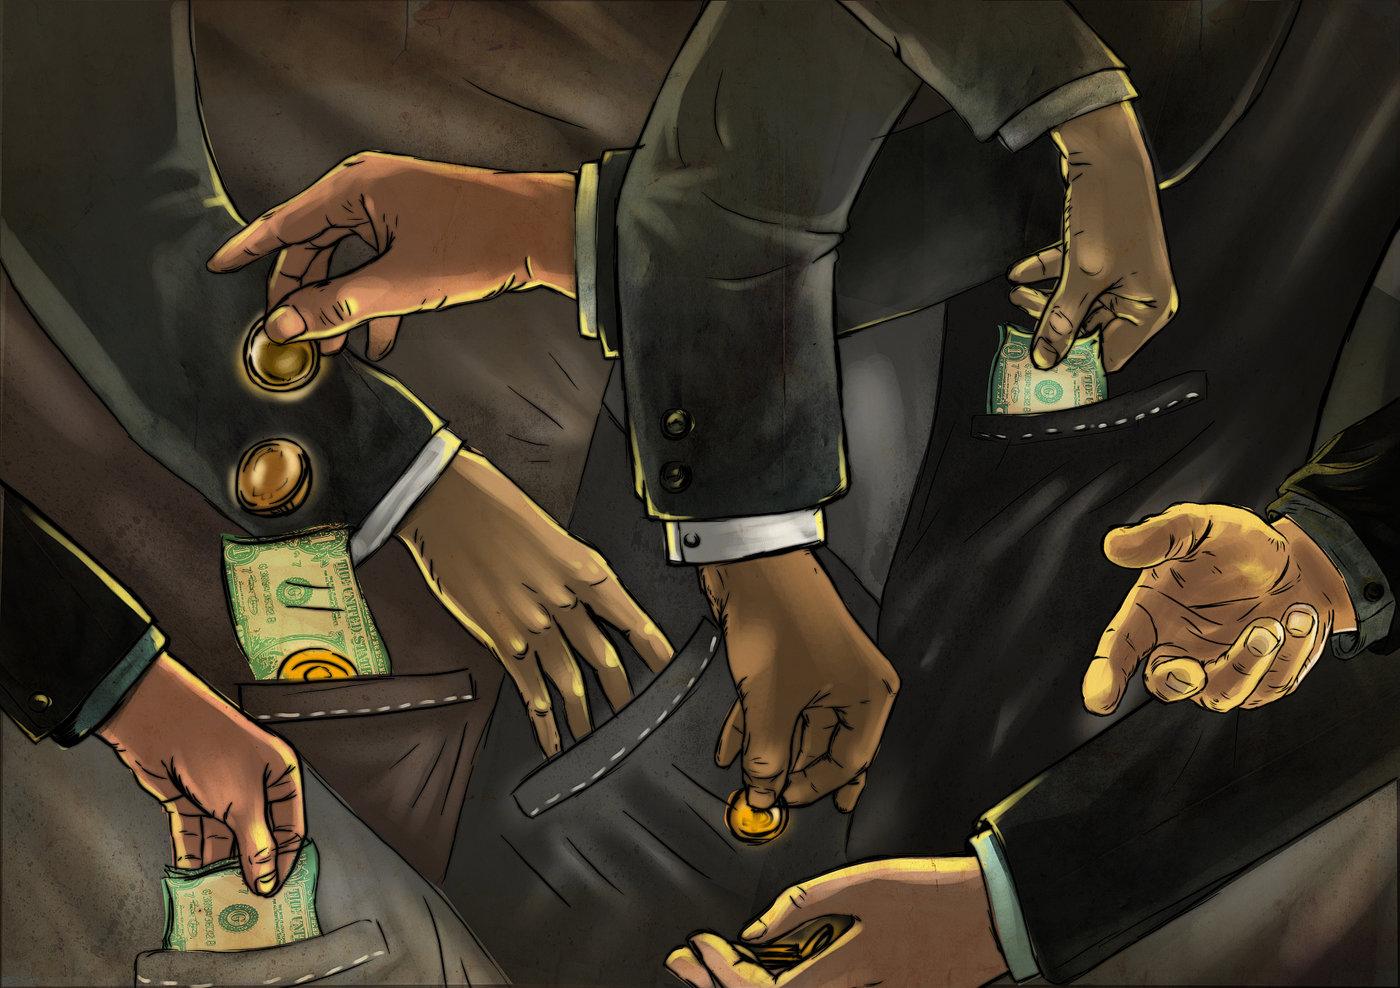 贾志宏用70亿人民币就将200亿元财产的国企收入囊